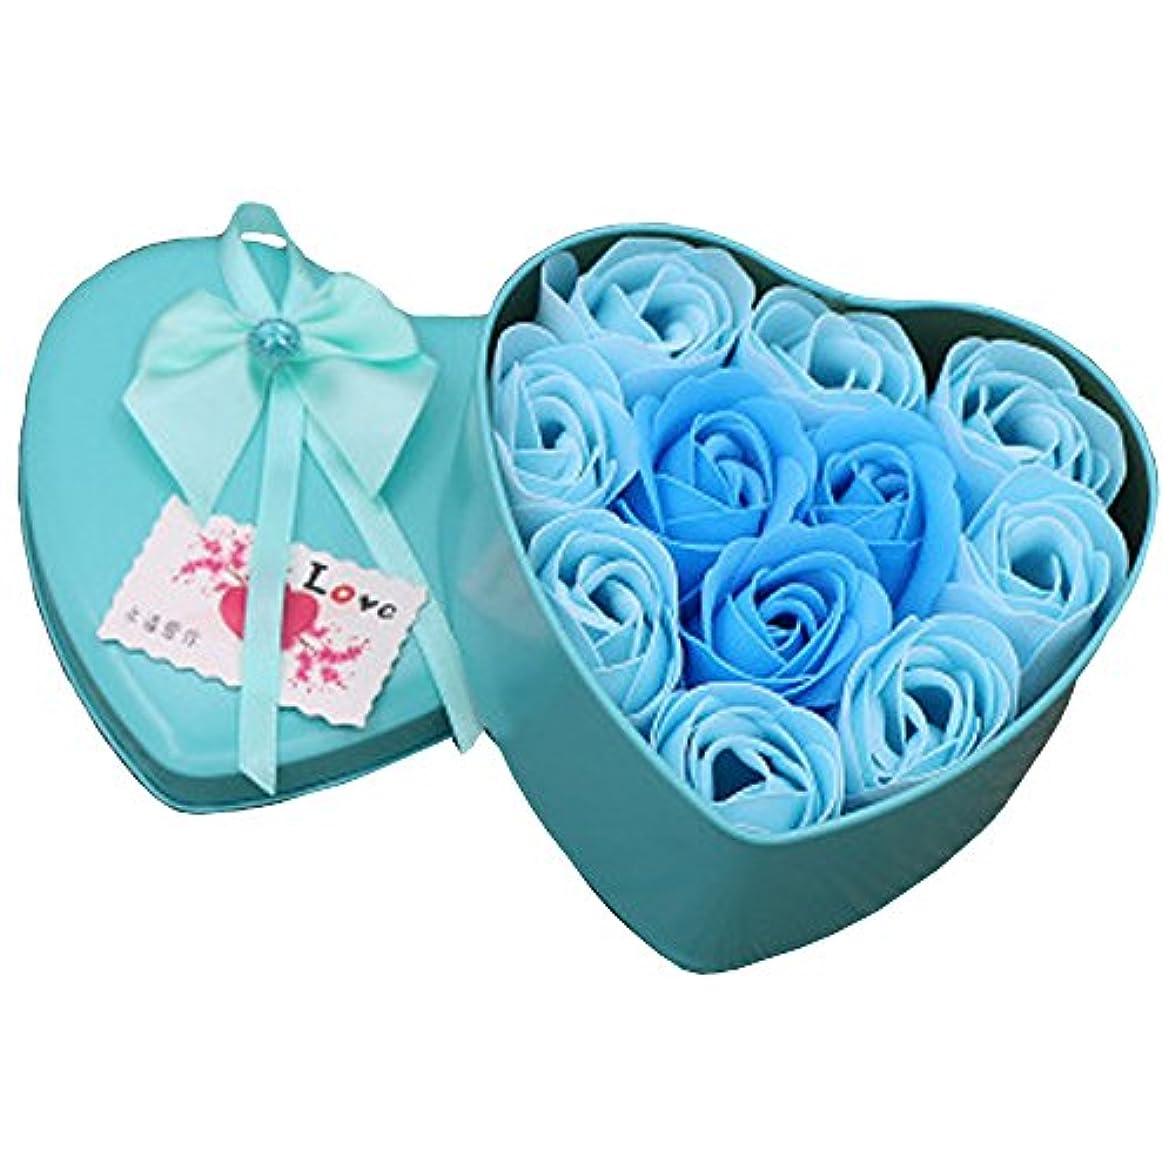 サポート適応する失効iCoole ソープフラワー 石鹸花 ハードフラワー形状 ギフトボックス入り 母の日 バレンタインデー お誕生日 ギフト